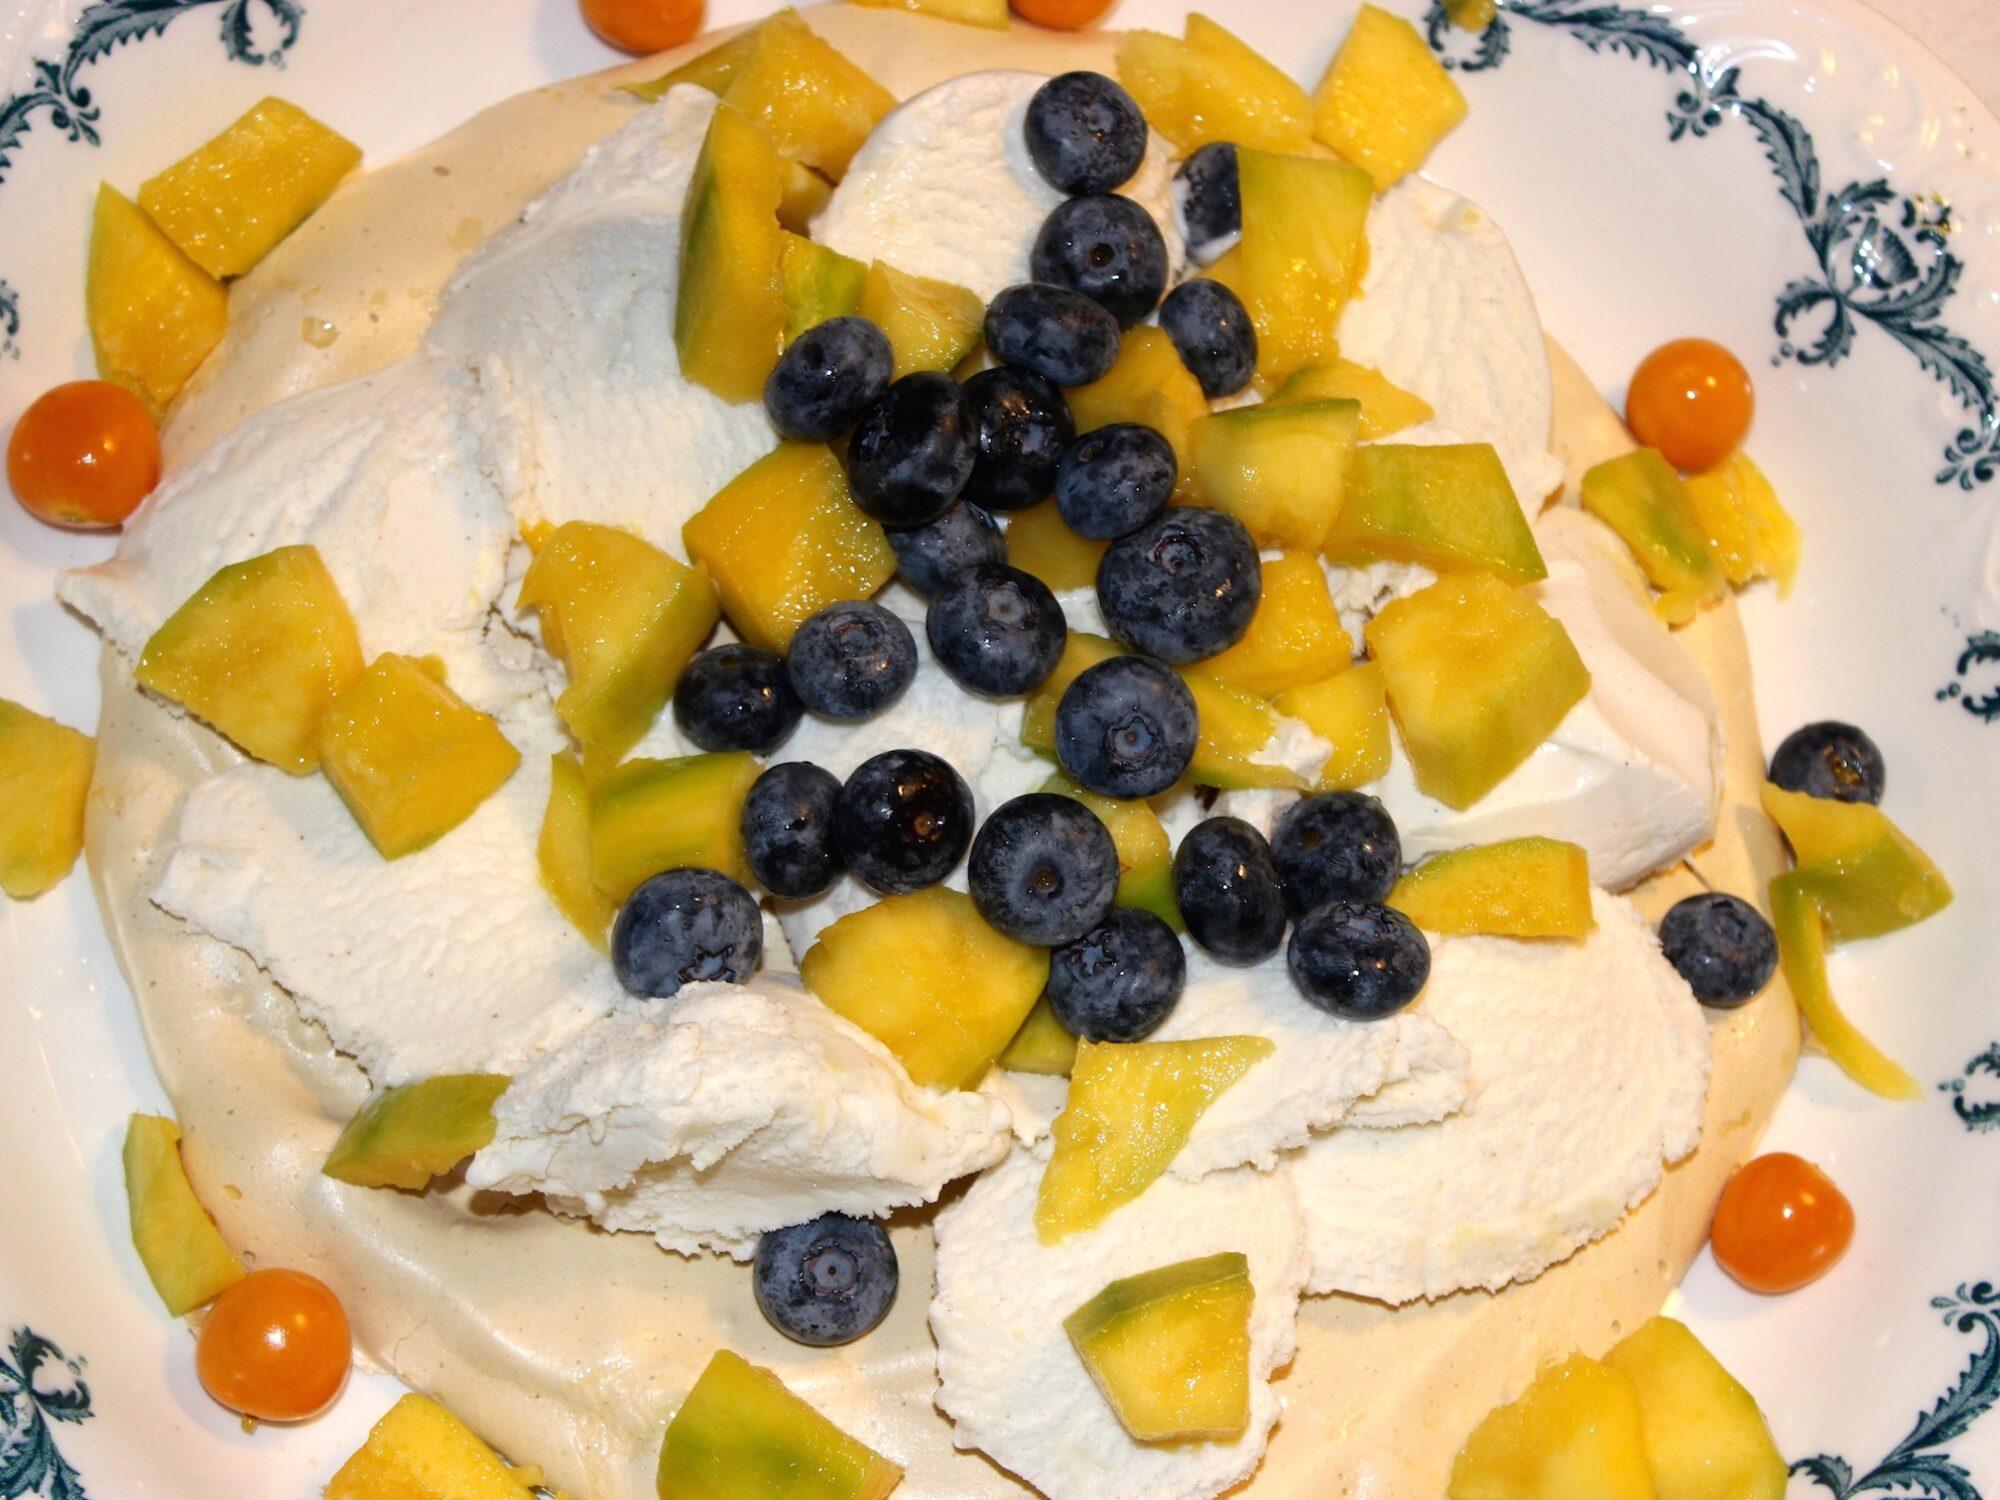 Lakrids marengs bund med is, fugt og bær